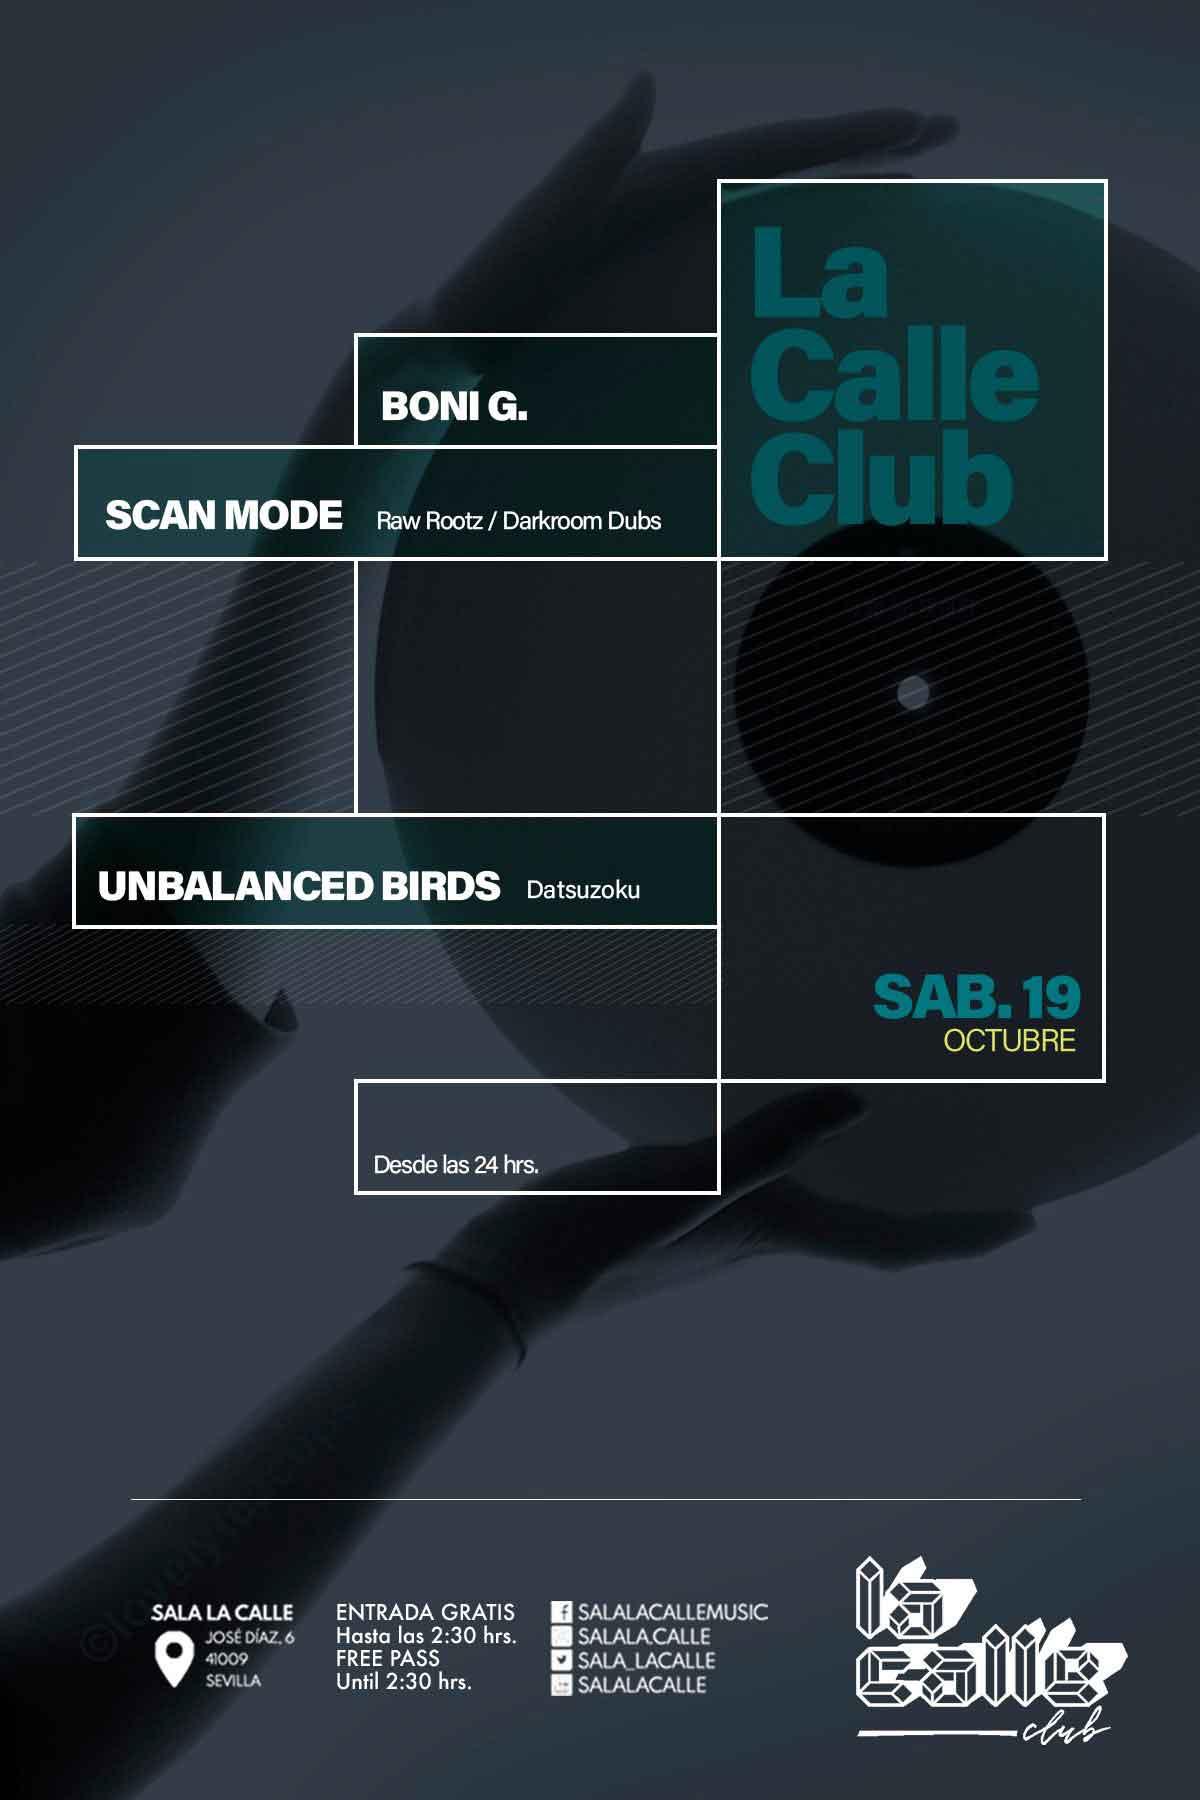 La Calle Club